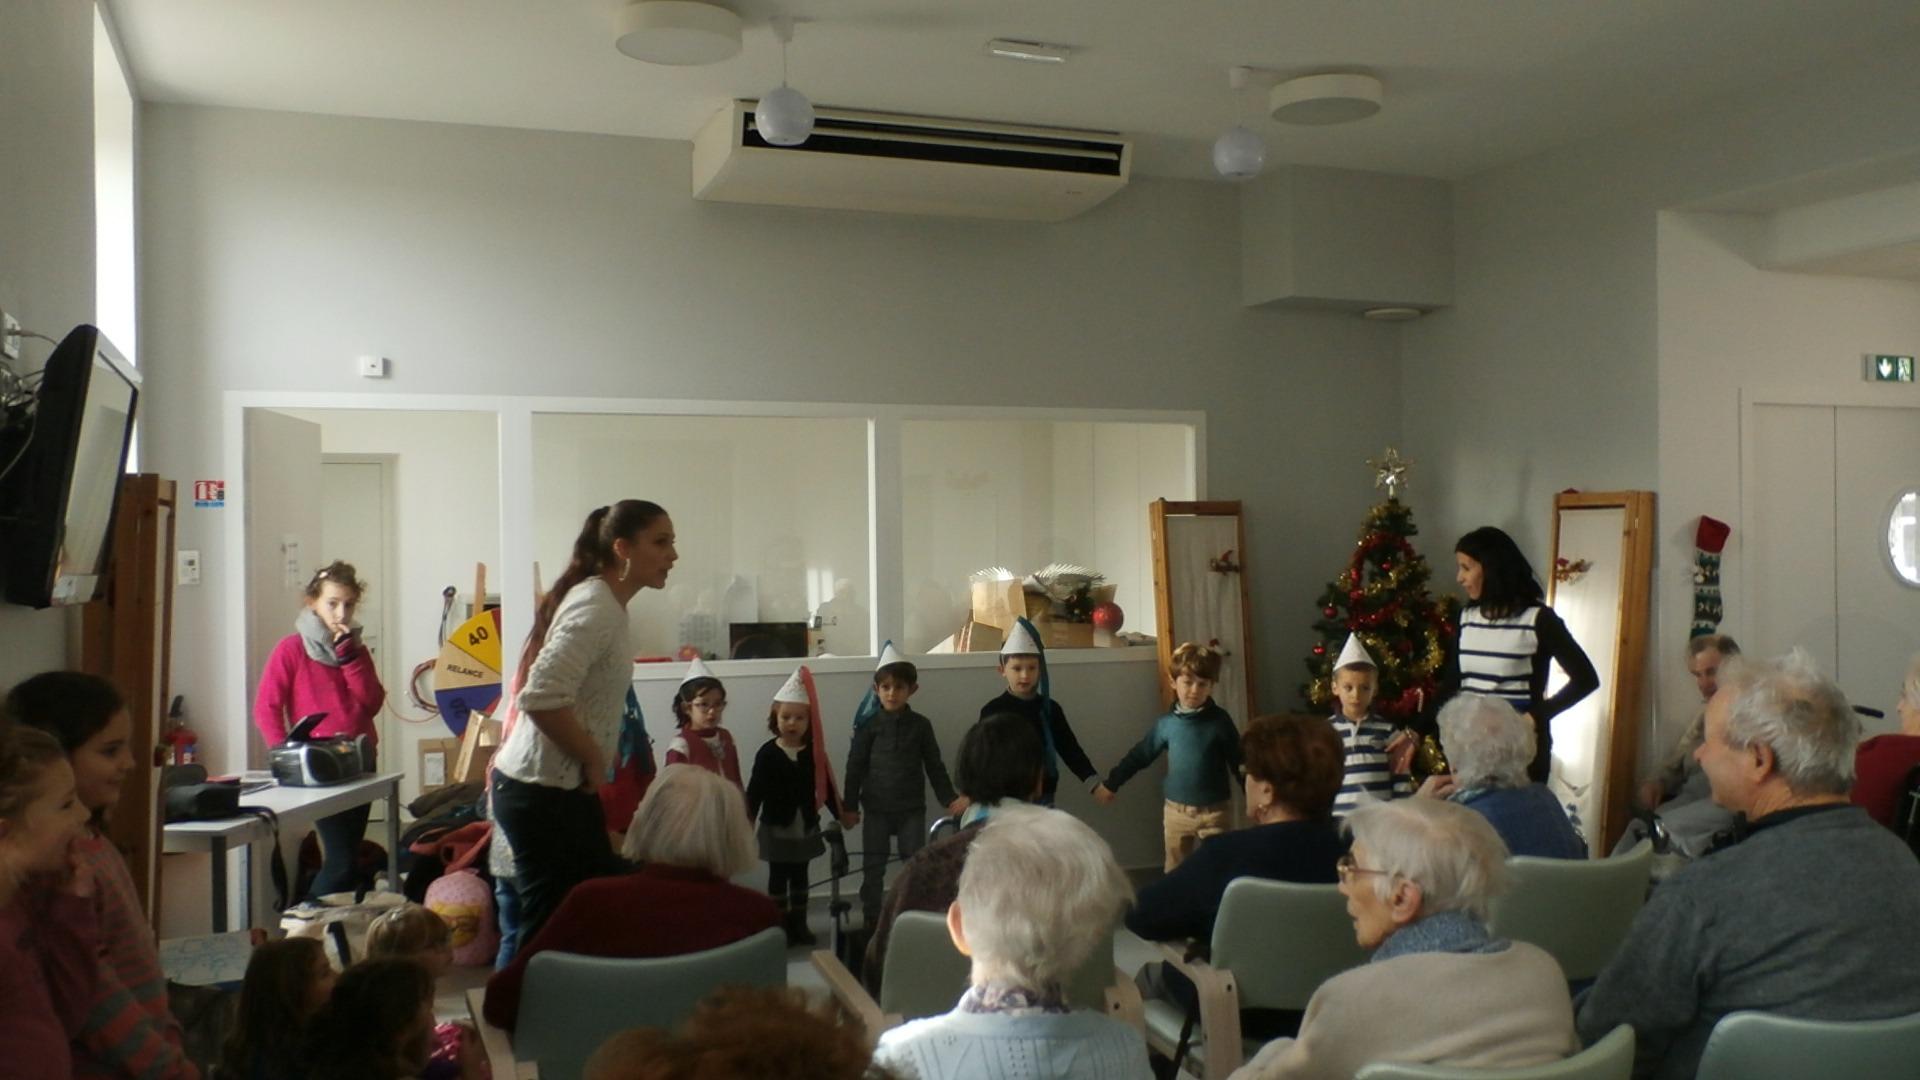 Spectacle d'enfants de 6 à 9 ans à la maison de retraite de Puy-L'évêque